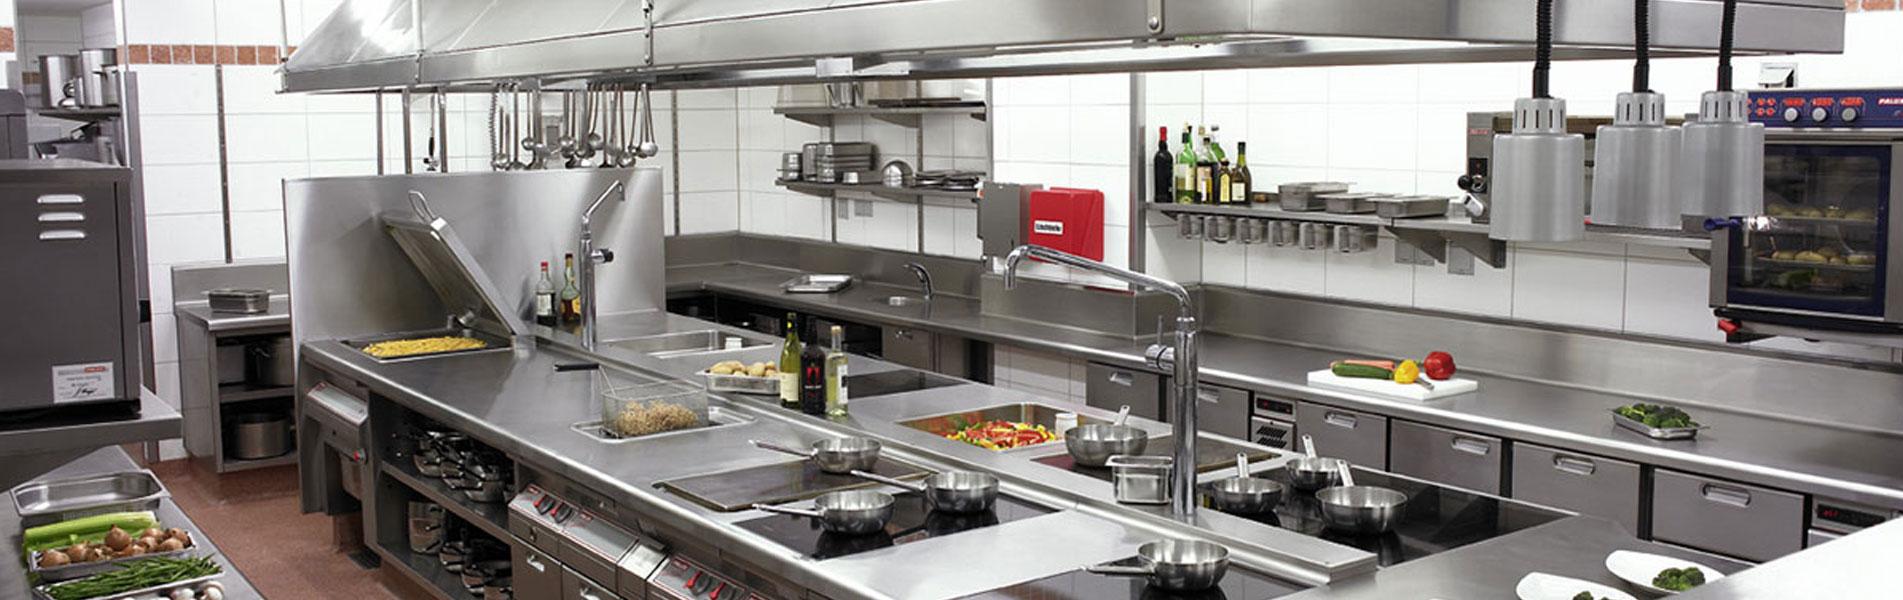 Endüstriyel Mutfak Ekipmanları 2